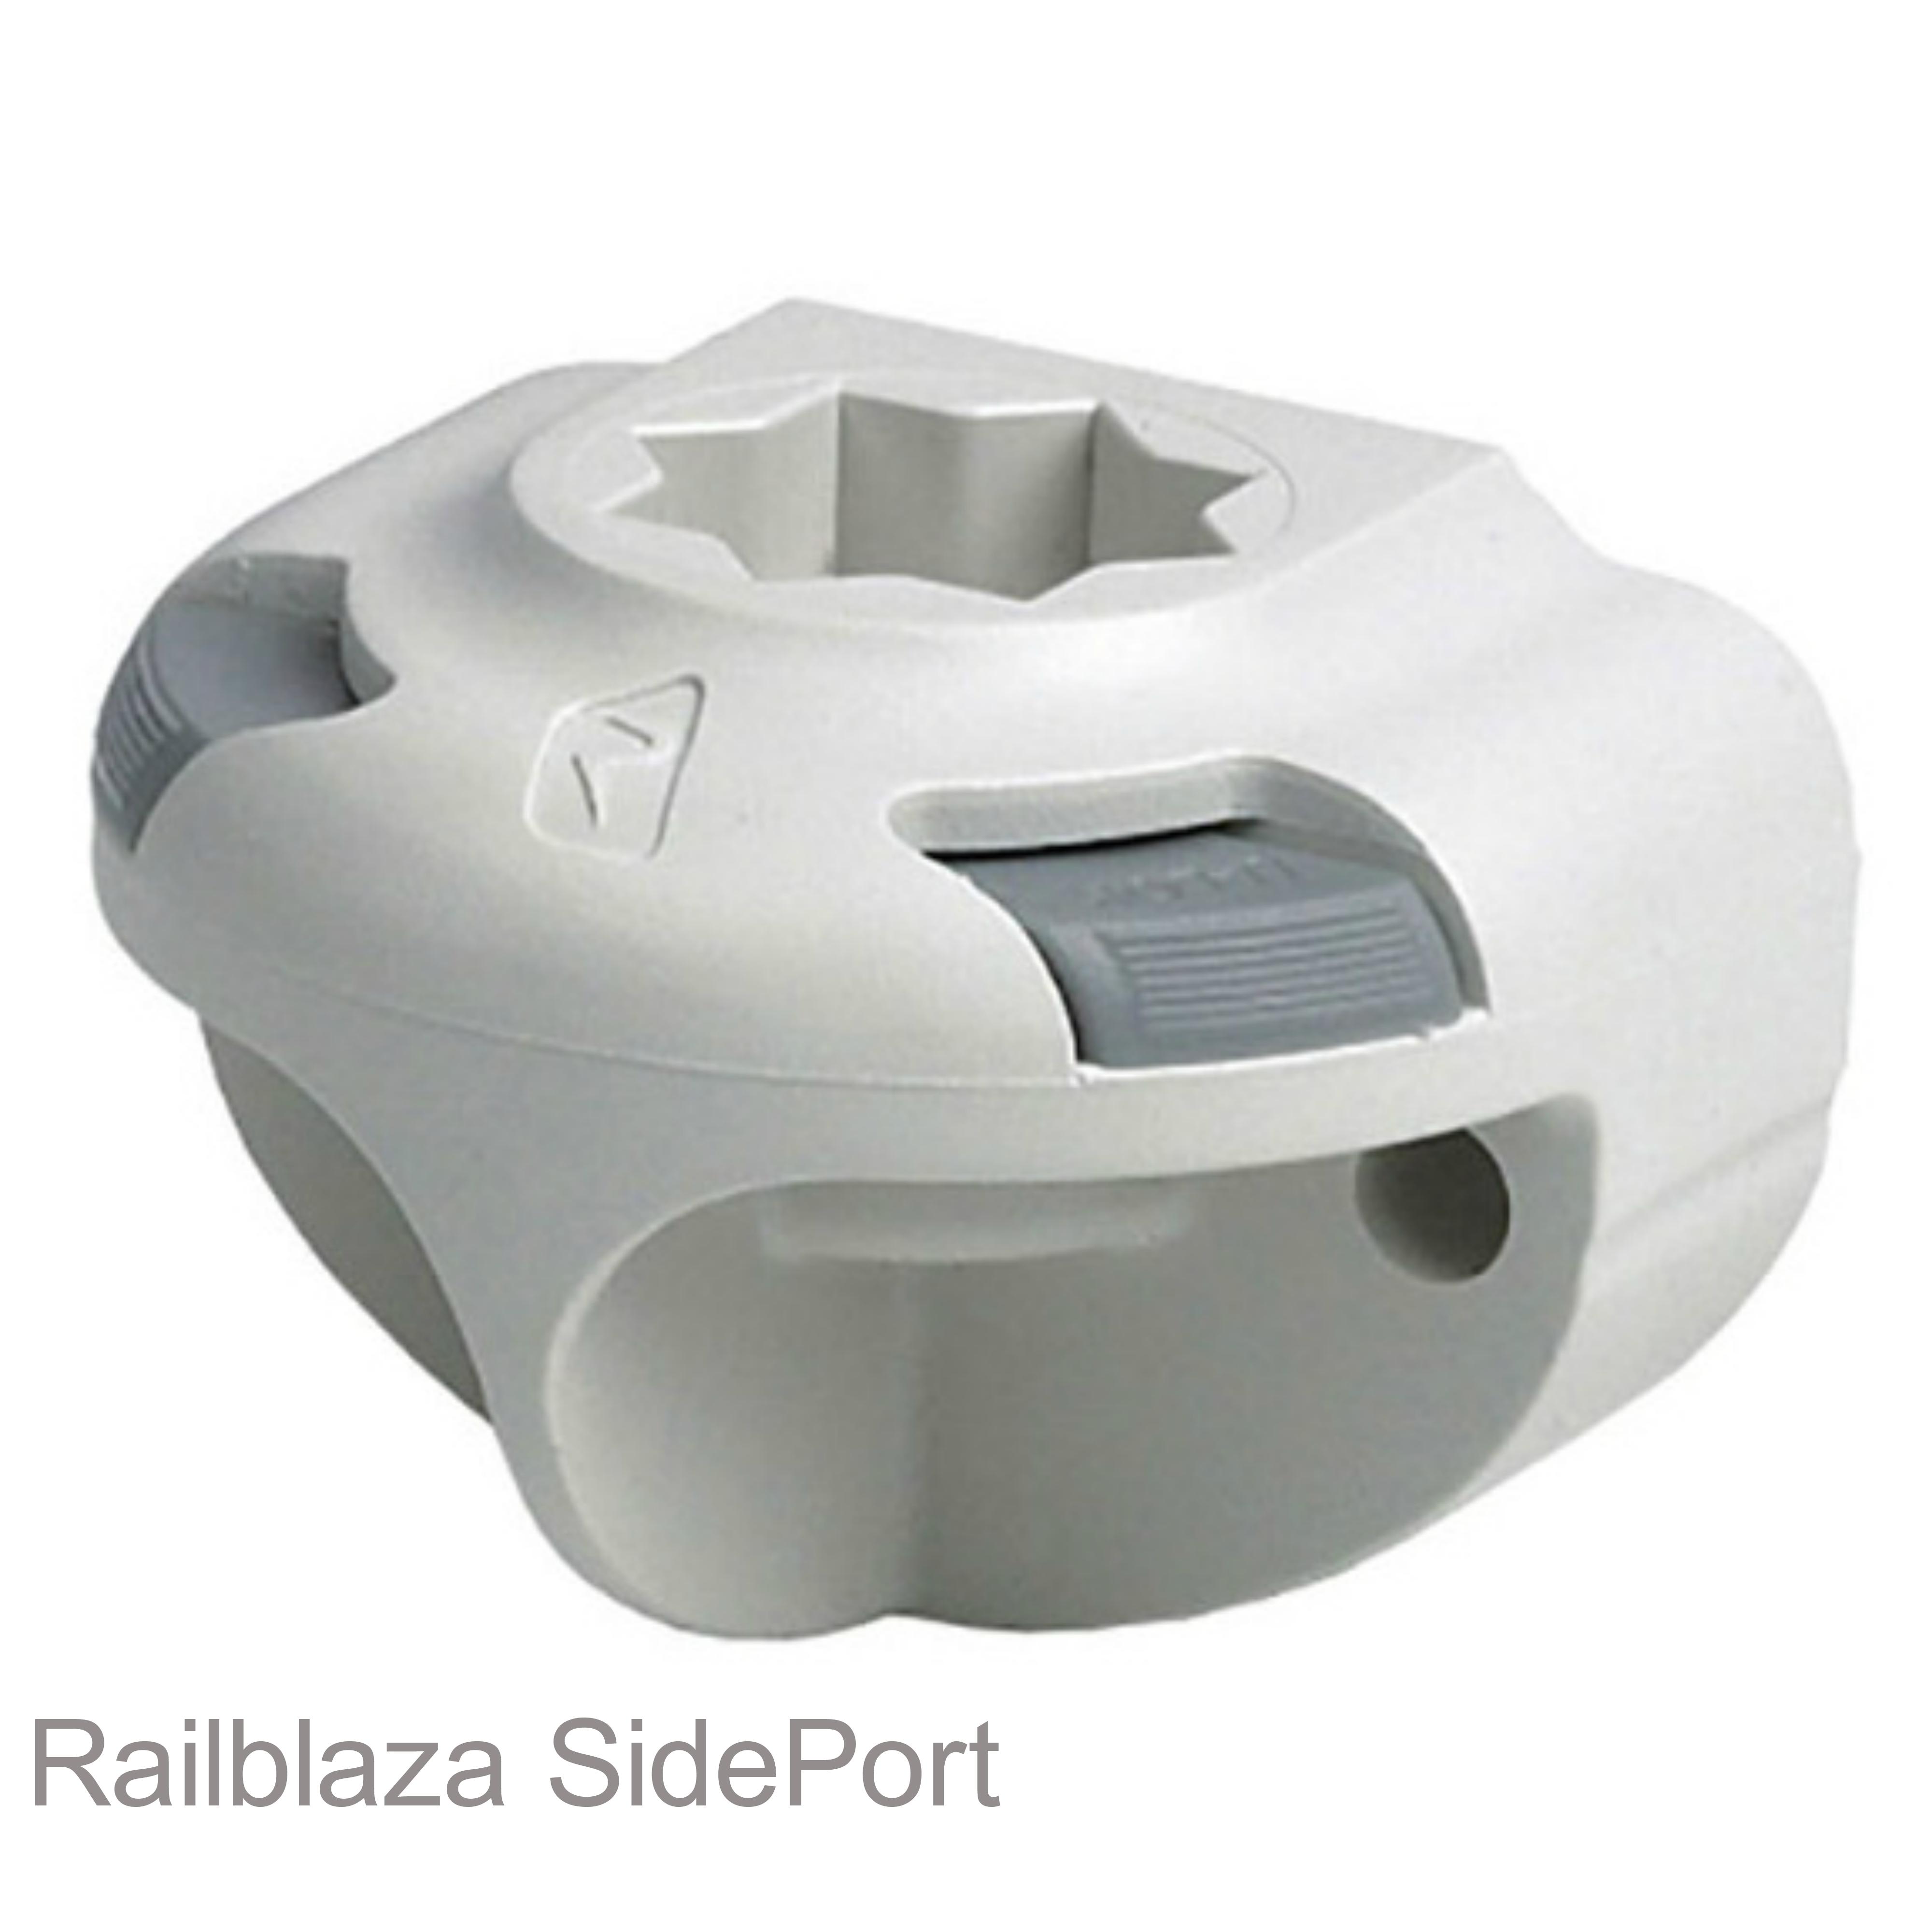 Railblaza SidePort Gunwale/Cockpit/Well Vertical Mount for Boat & Kayak - White